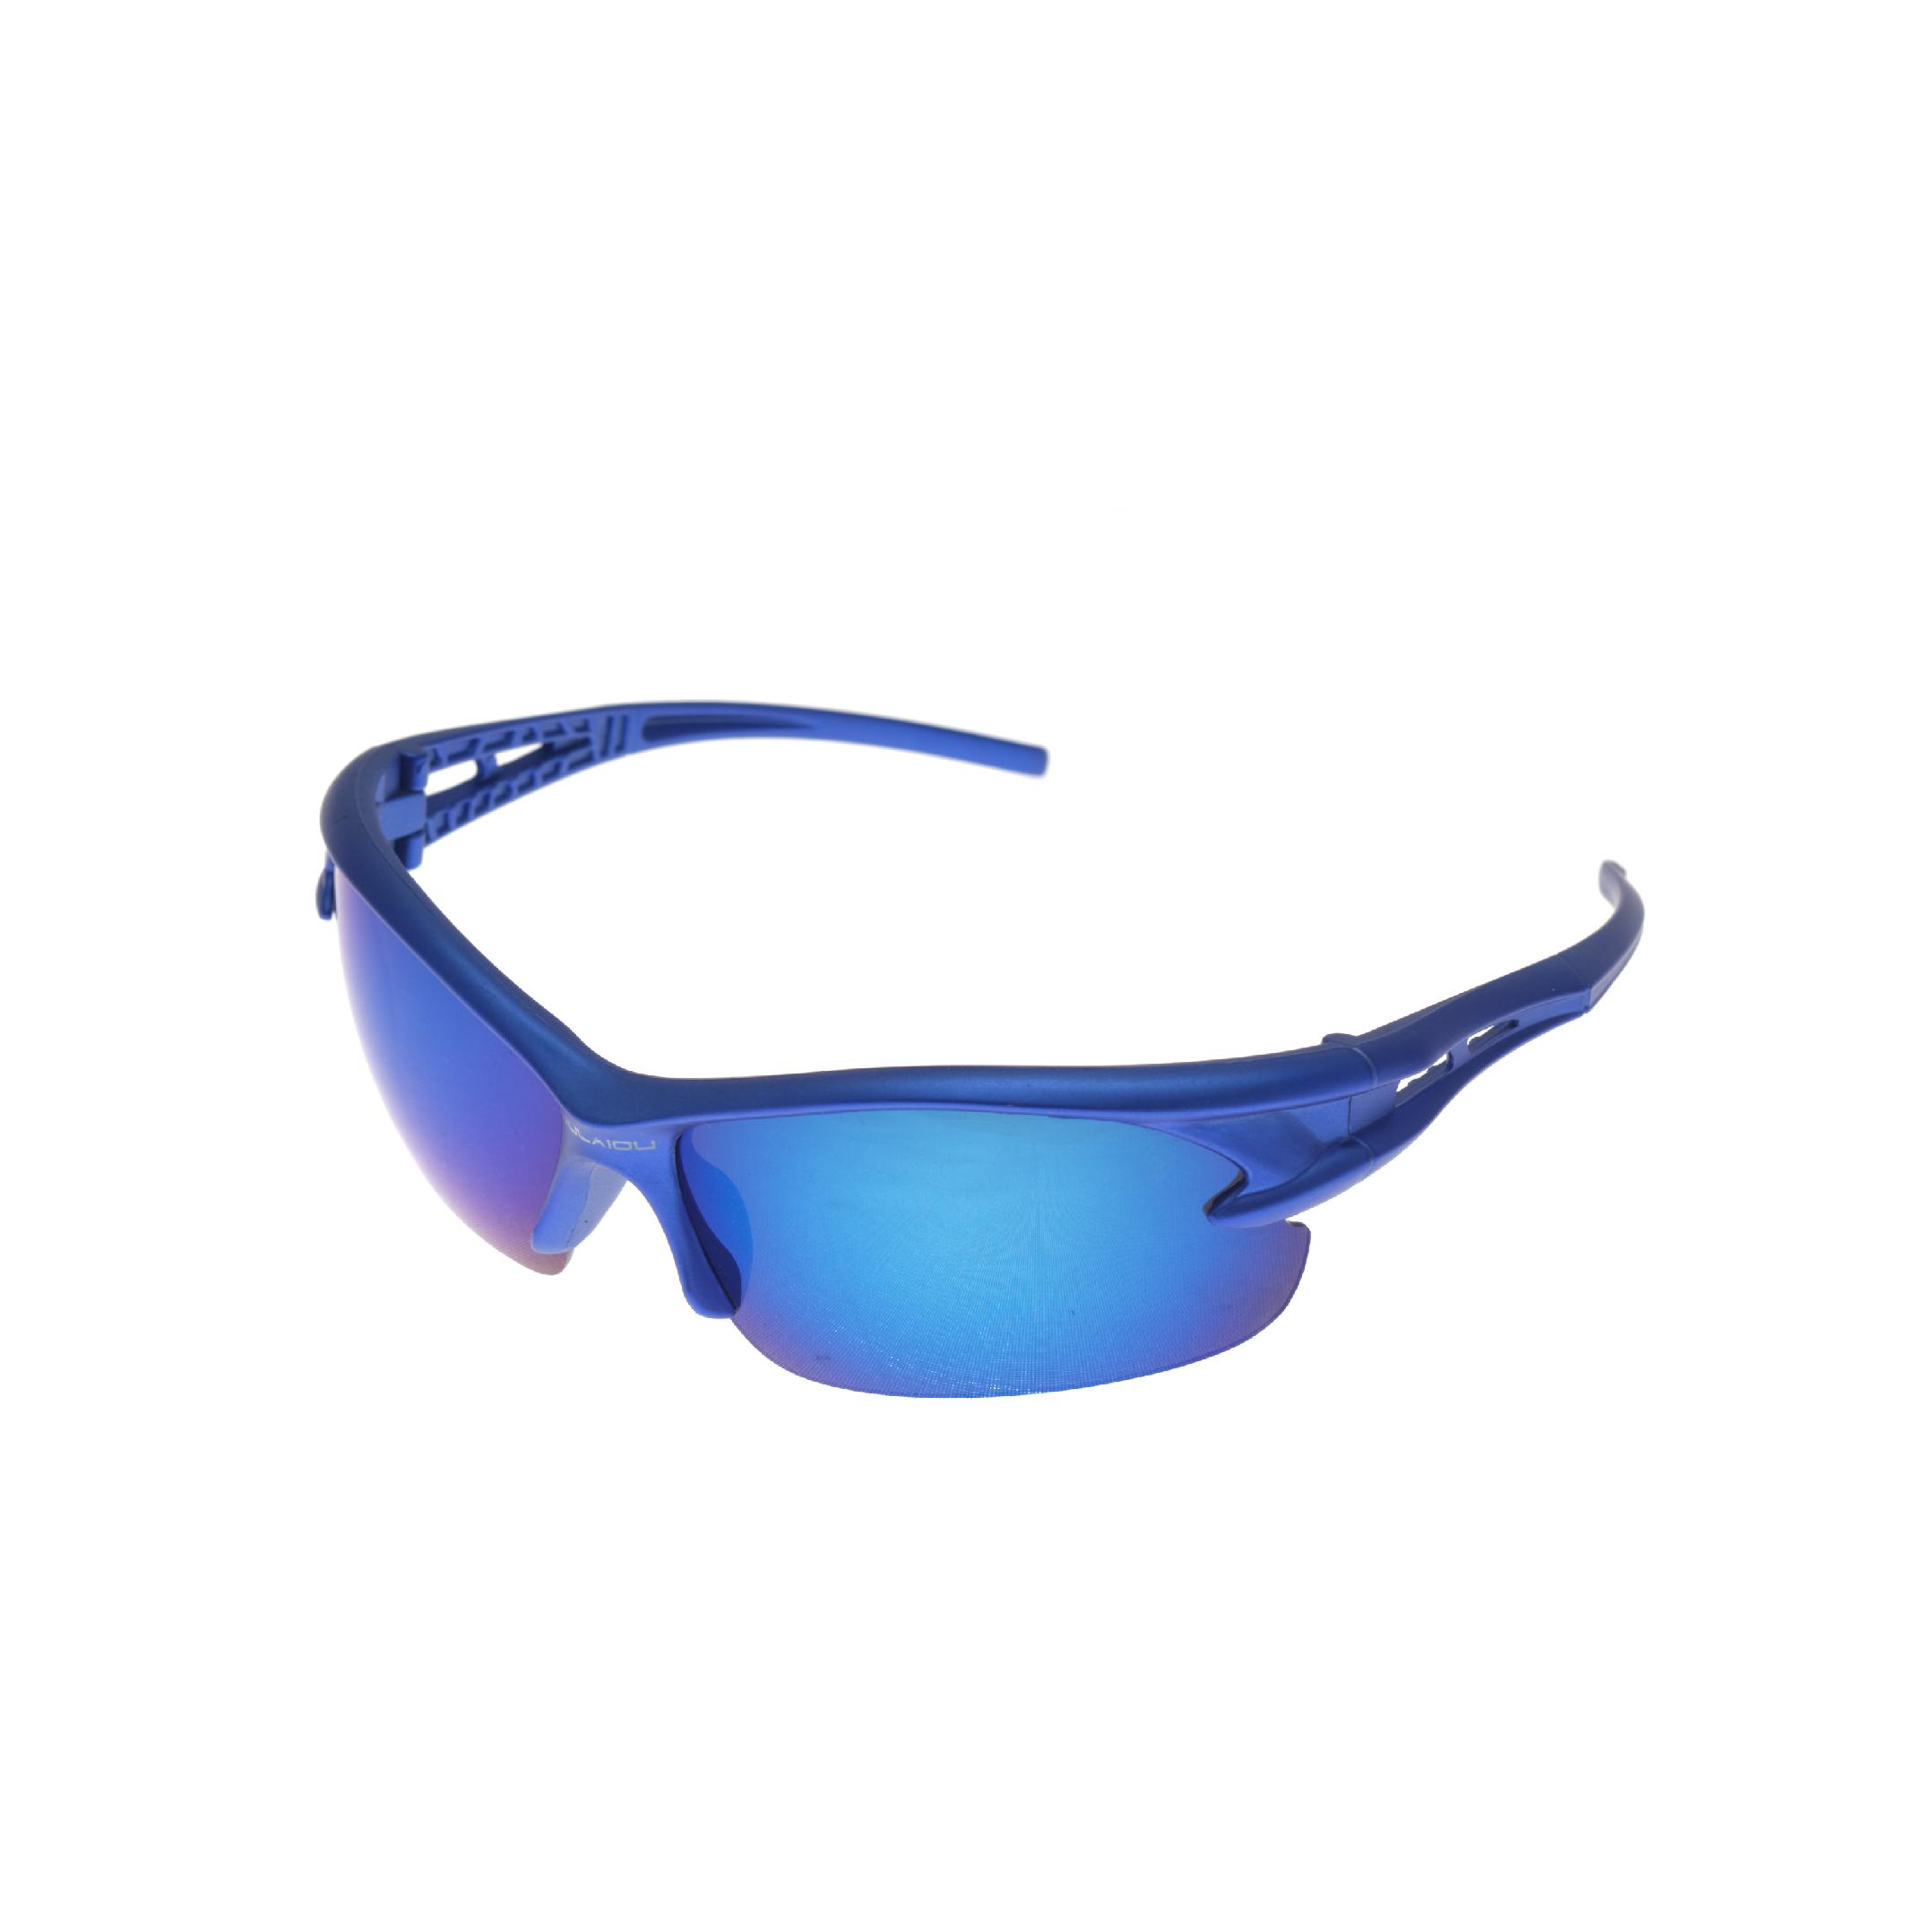 Sportovní sluneční brýle Oulaiou Blue